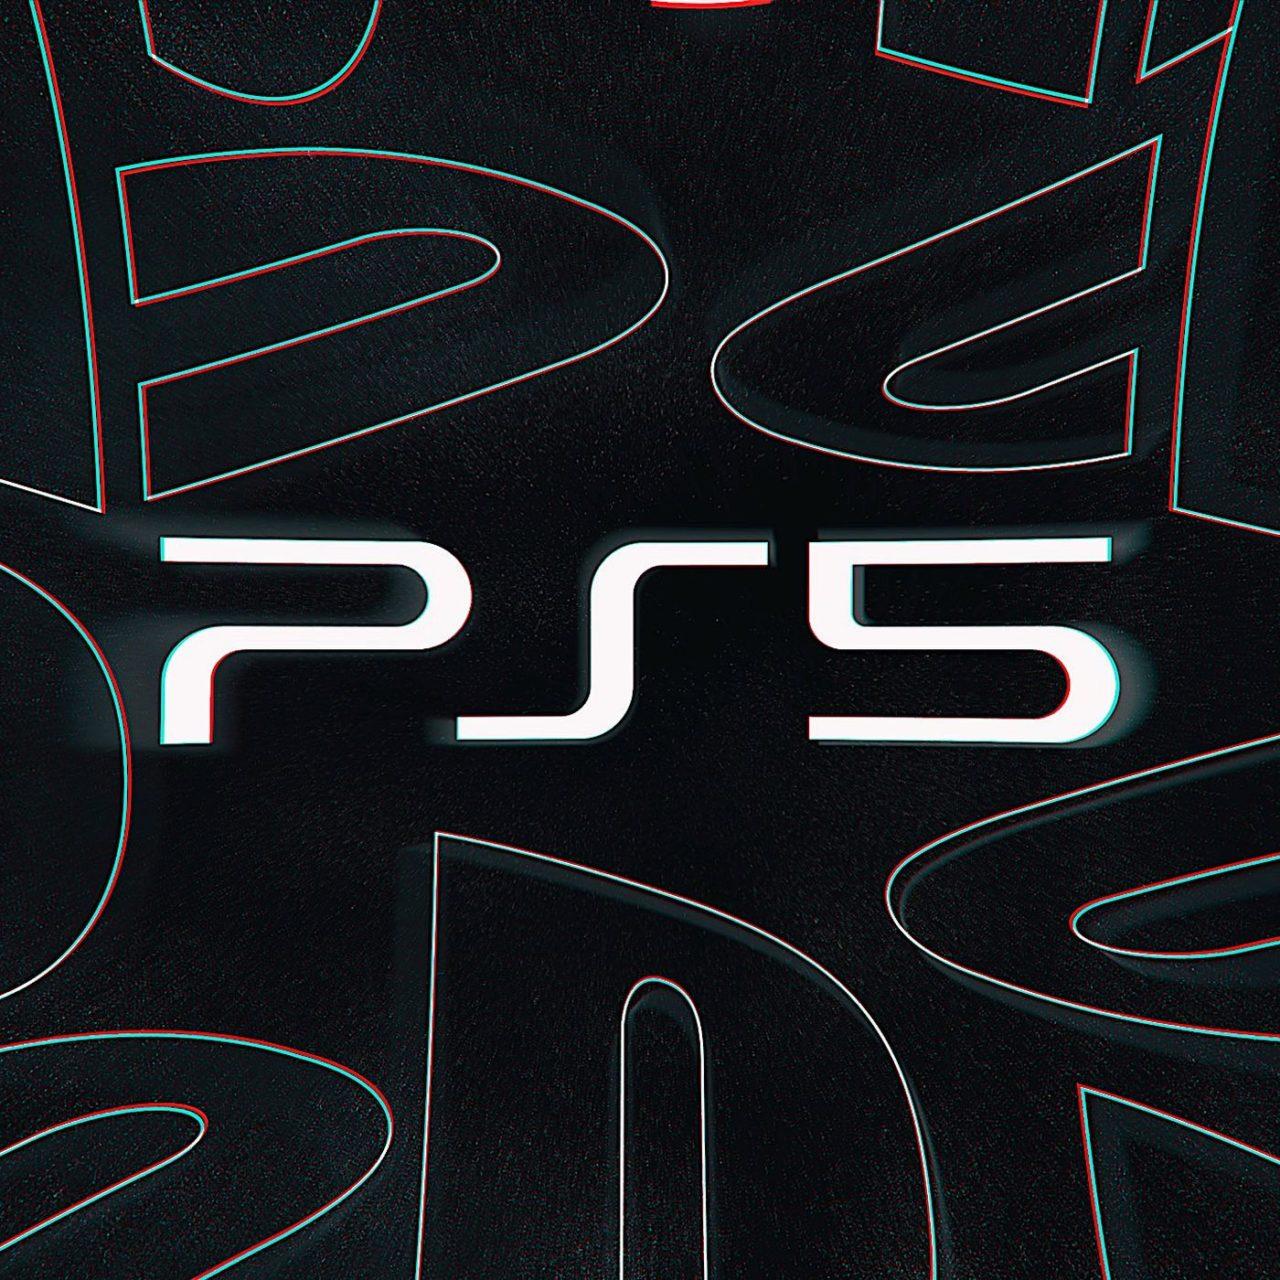 """Sony la tocca piano: """"Su PS5 l'elaborazione dei dati di gioco sarà 100 volte più veloce rispetto a PS4"""""""